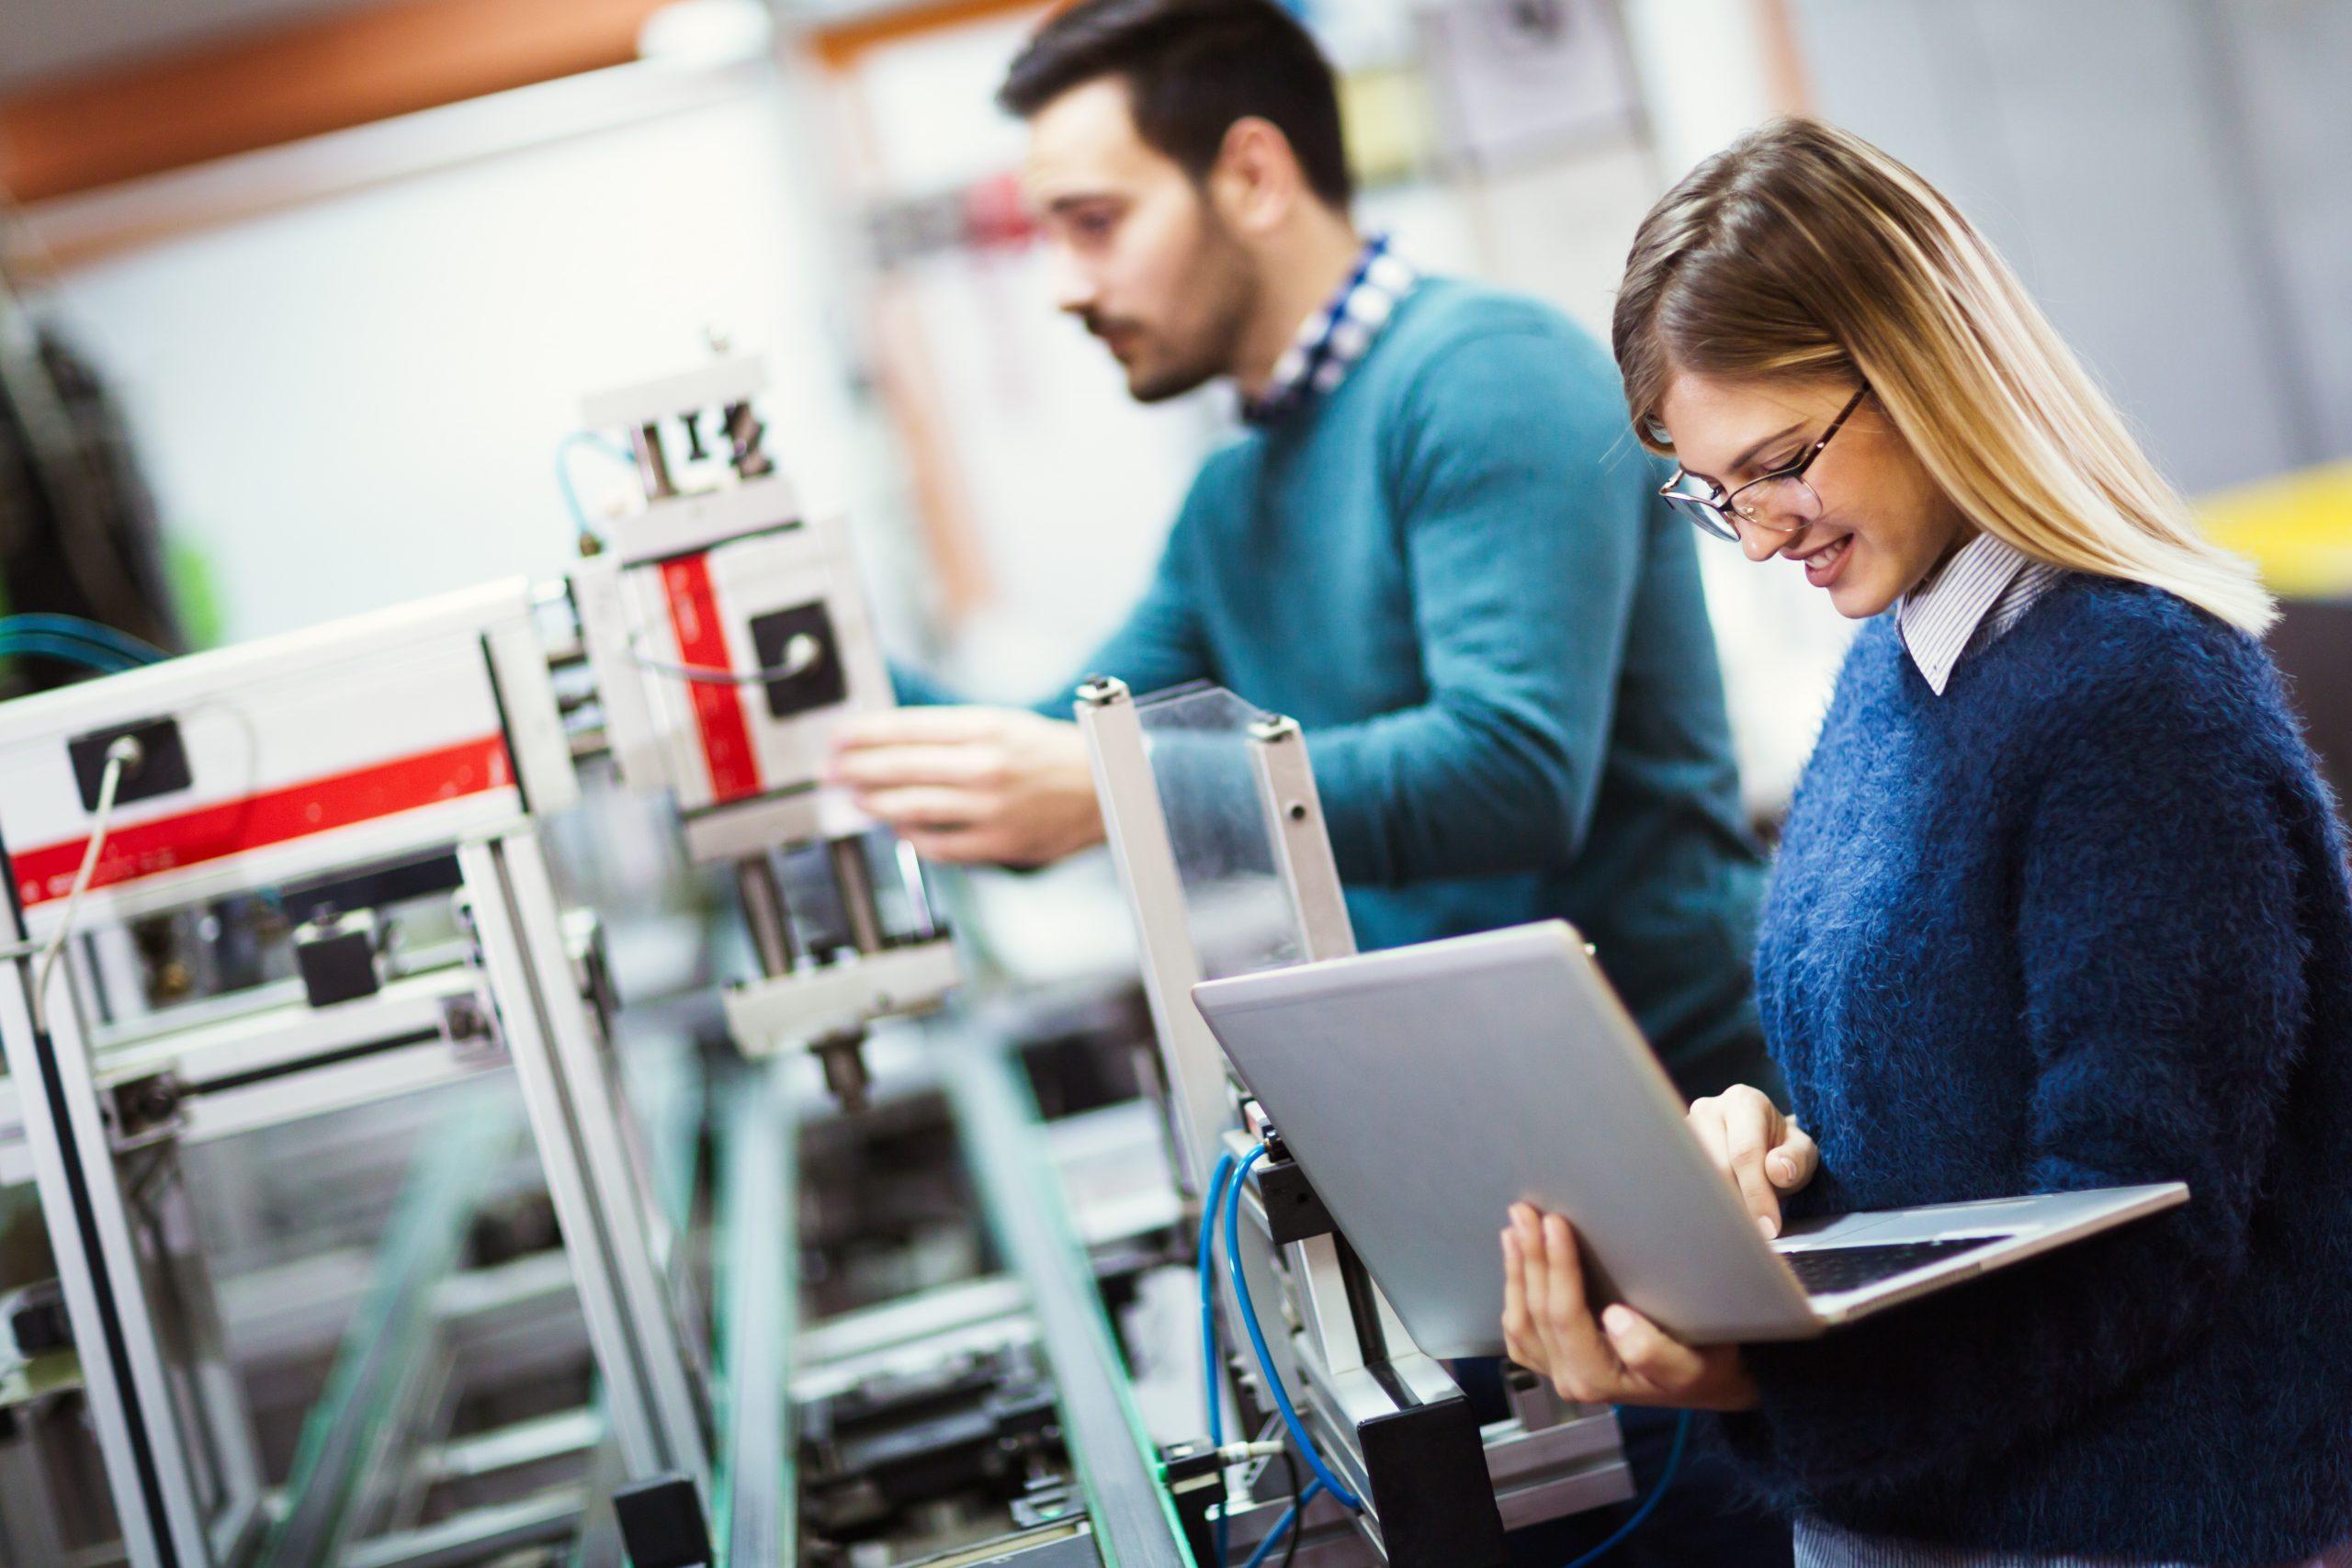 Mehr Industrie-4.0-Themen in der Weiterbildung